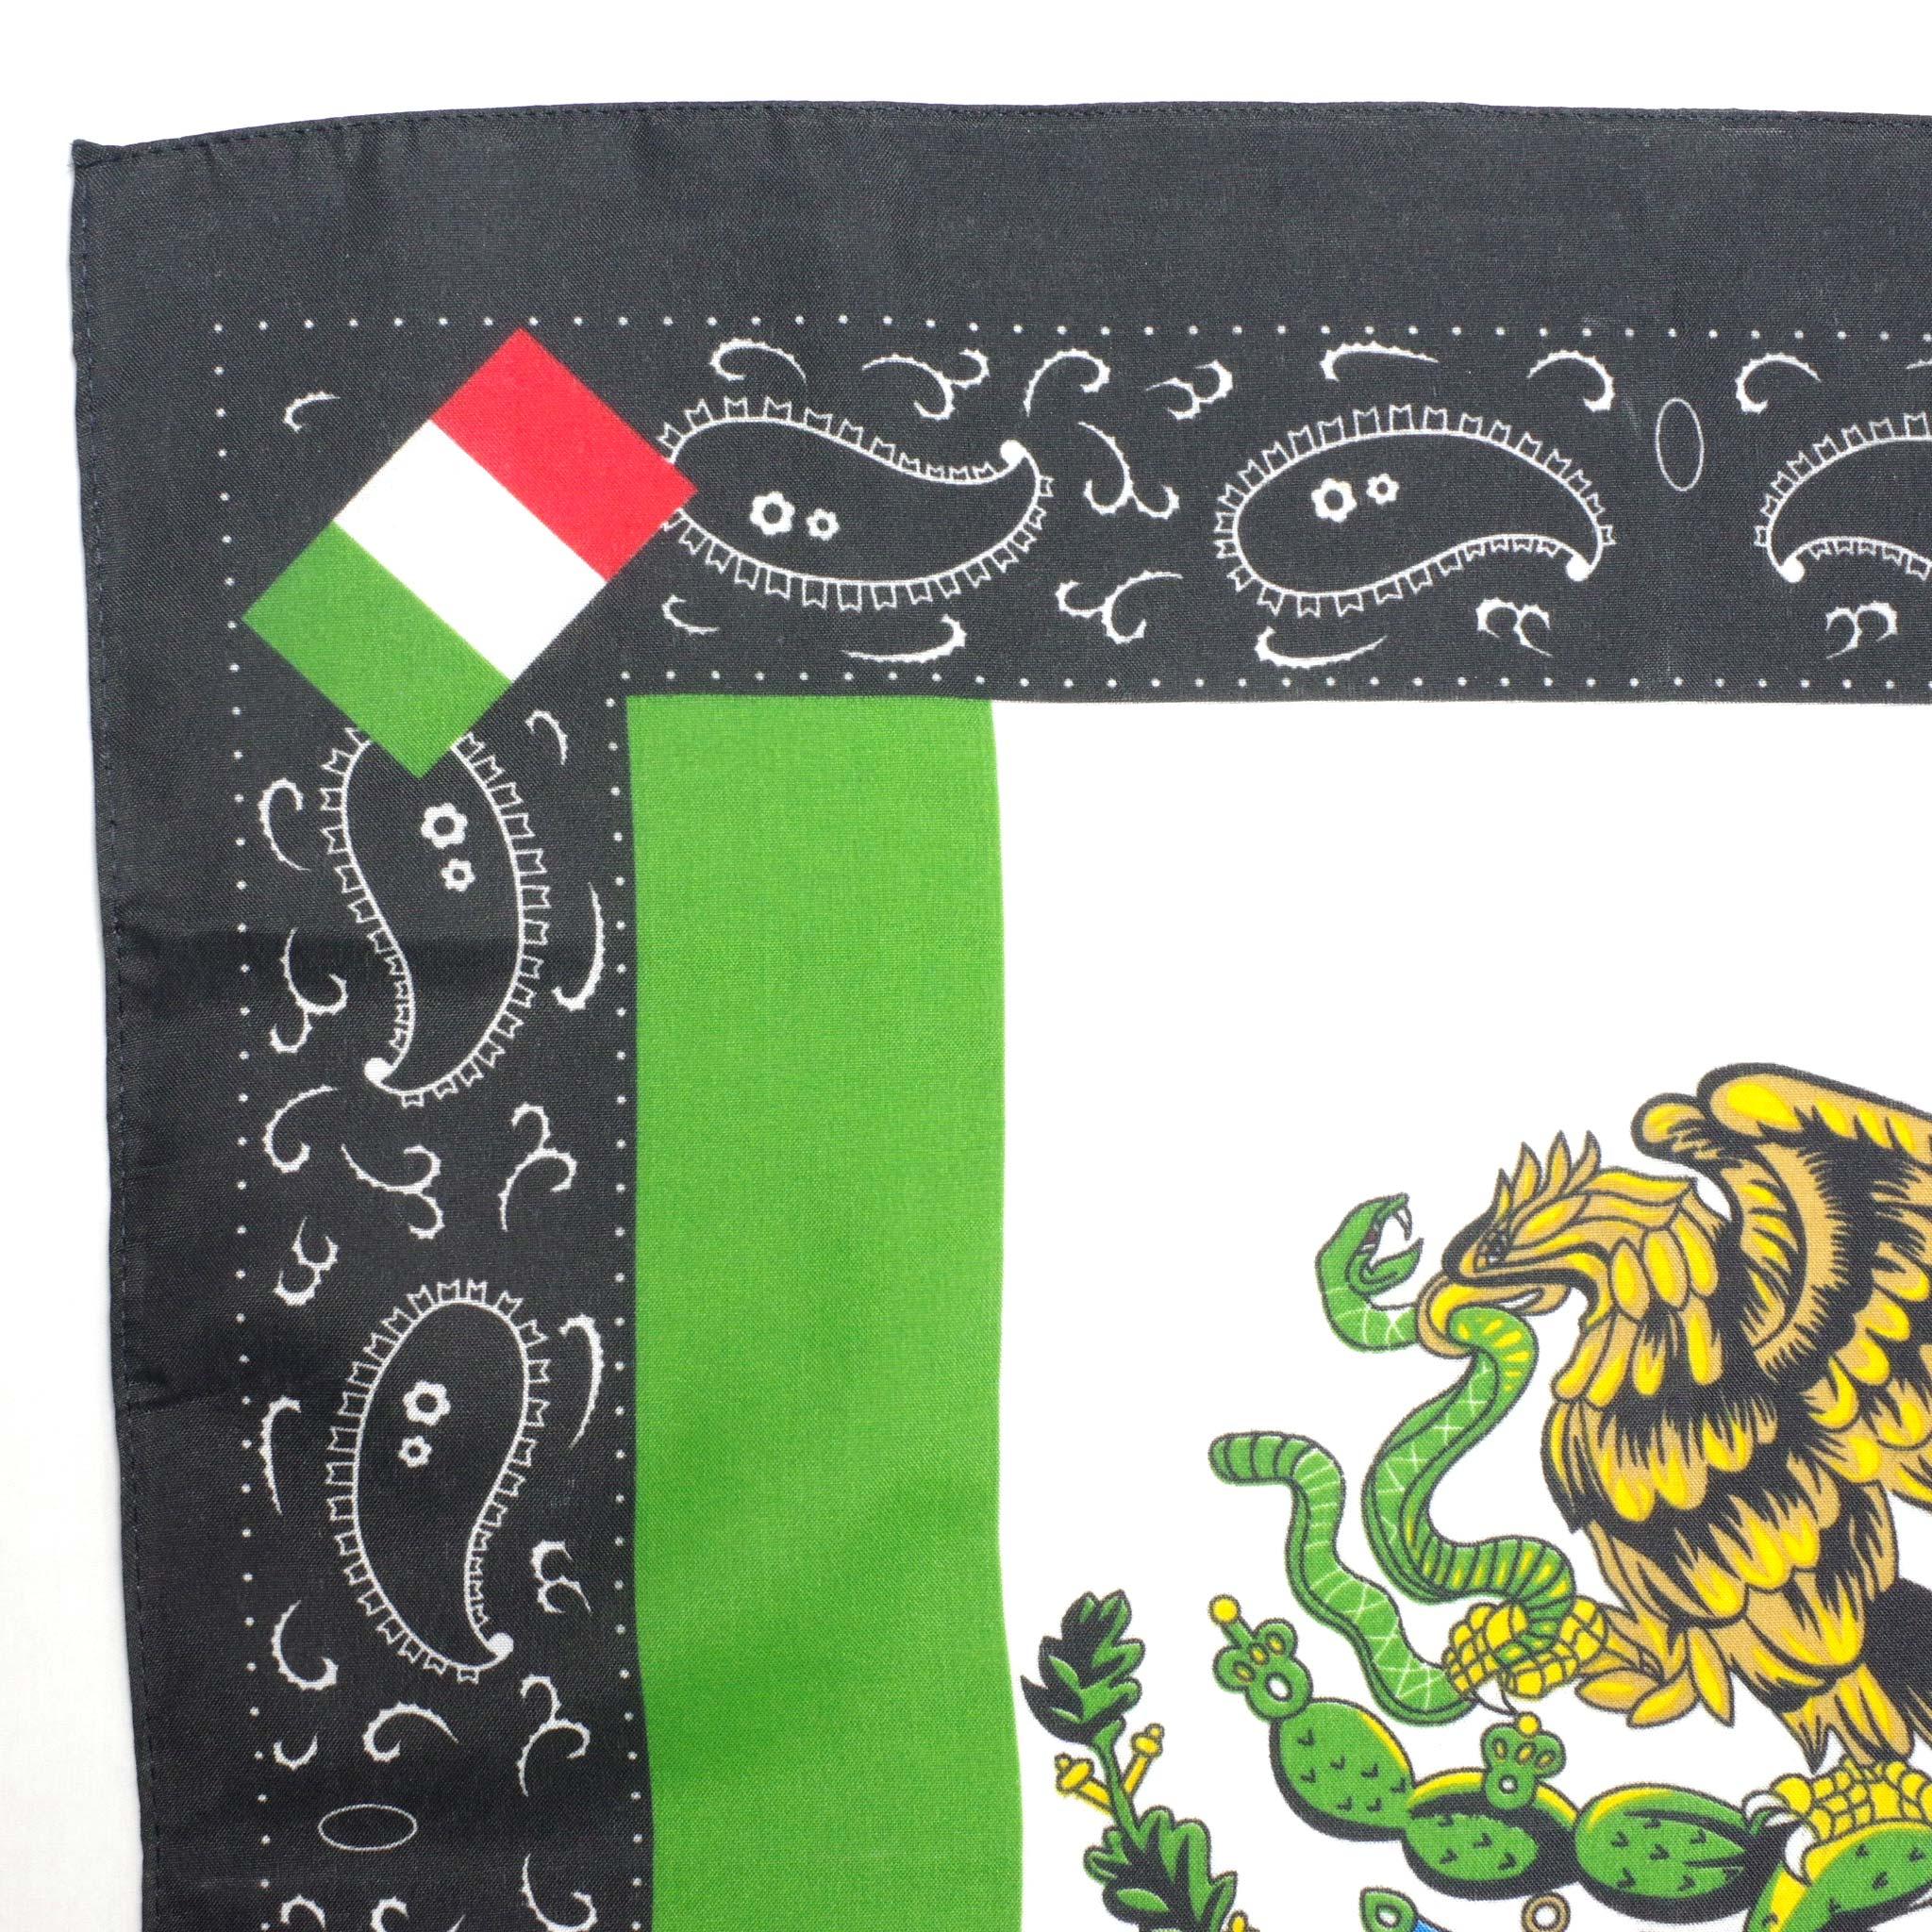 """""""鷲,蛇,ペイズリー,バンダナ,スカーフ,ハンカチ,BANDANA,メキシコバンダナ,メキシコのバンダナ,メキシコ柄のバンダナ,メキシコ,メキシコ雑貨,メキシコ雑貨PAD"""""""